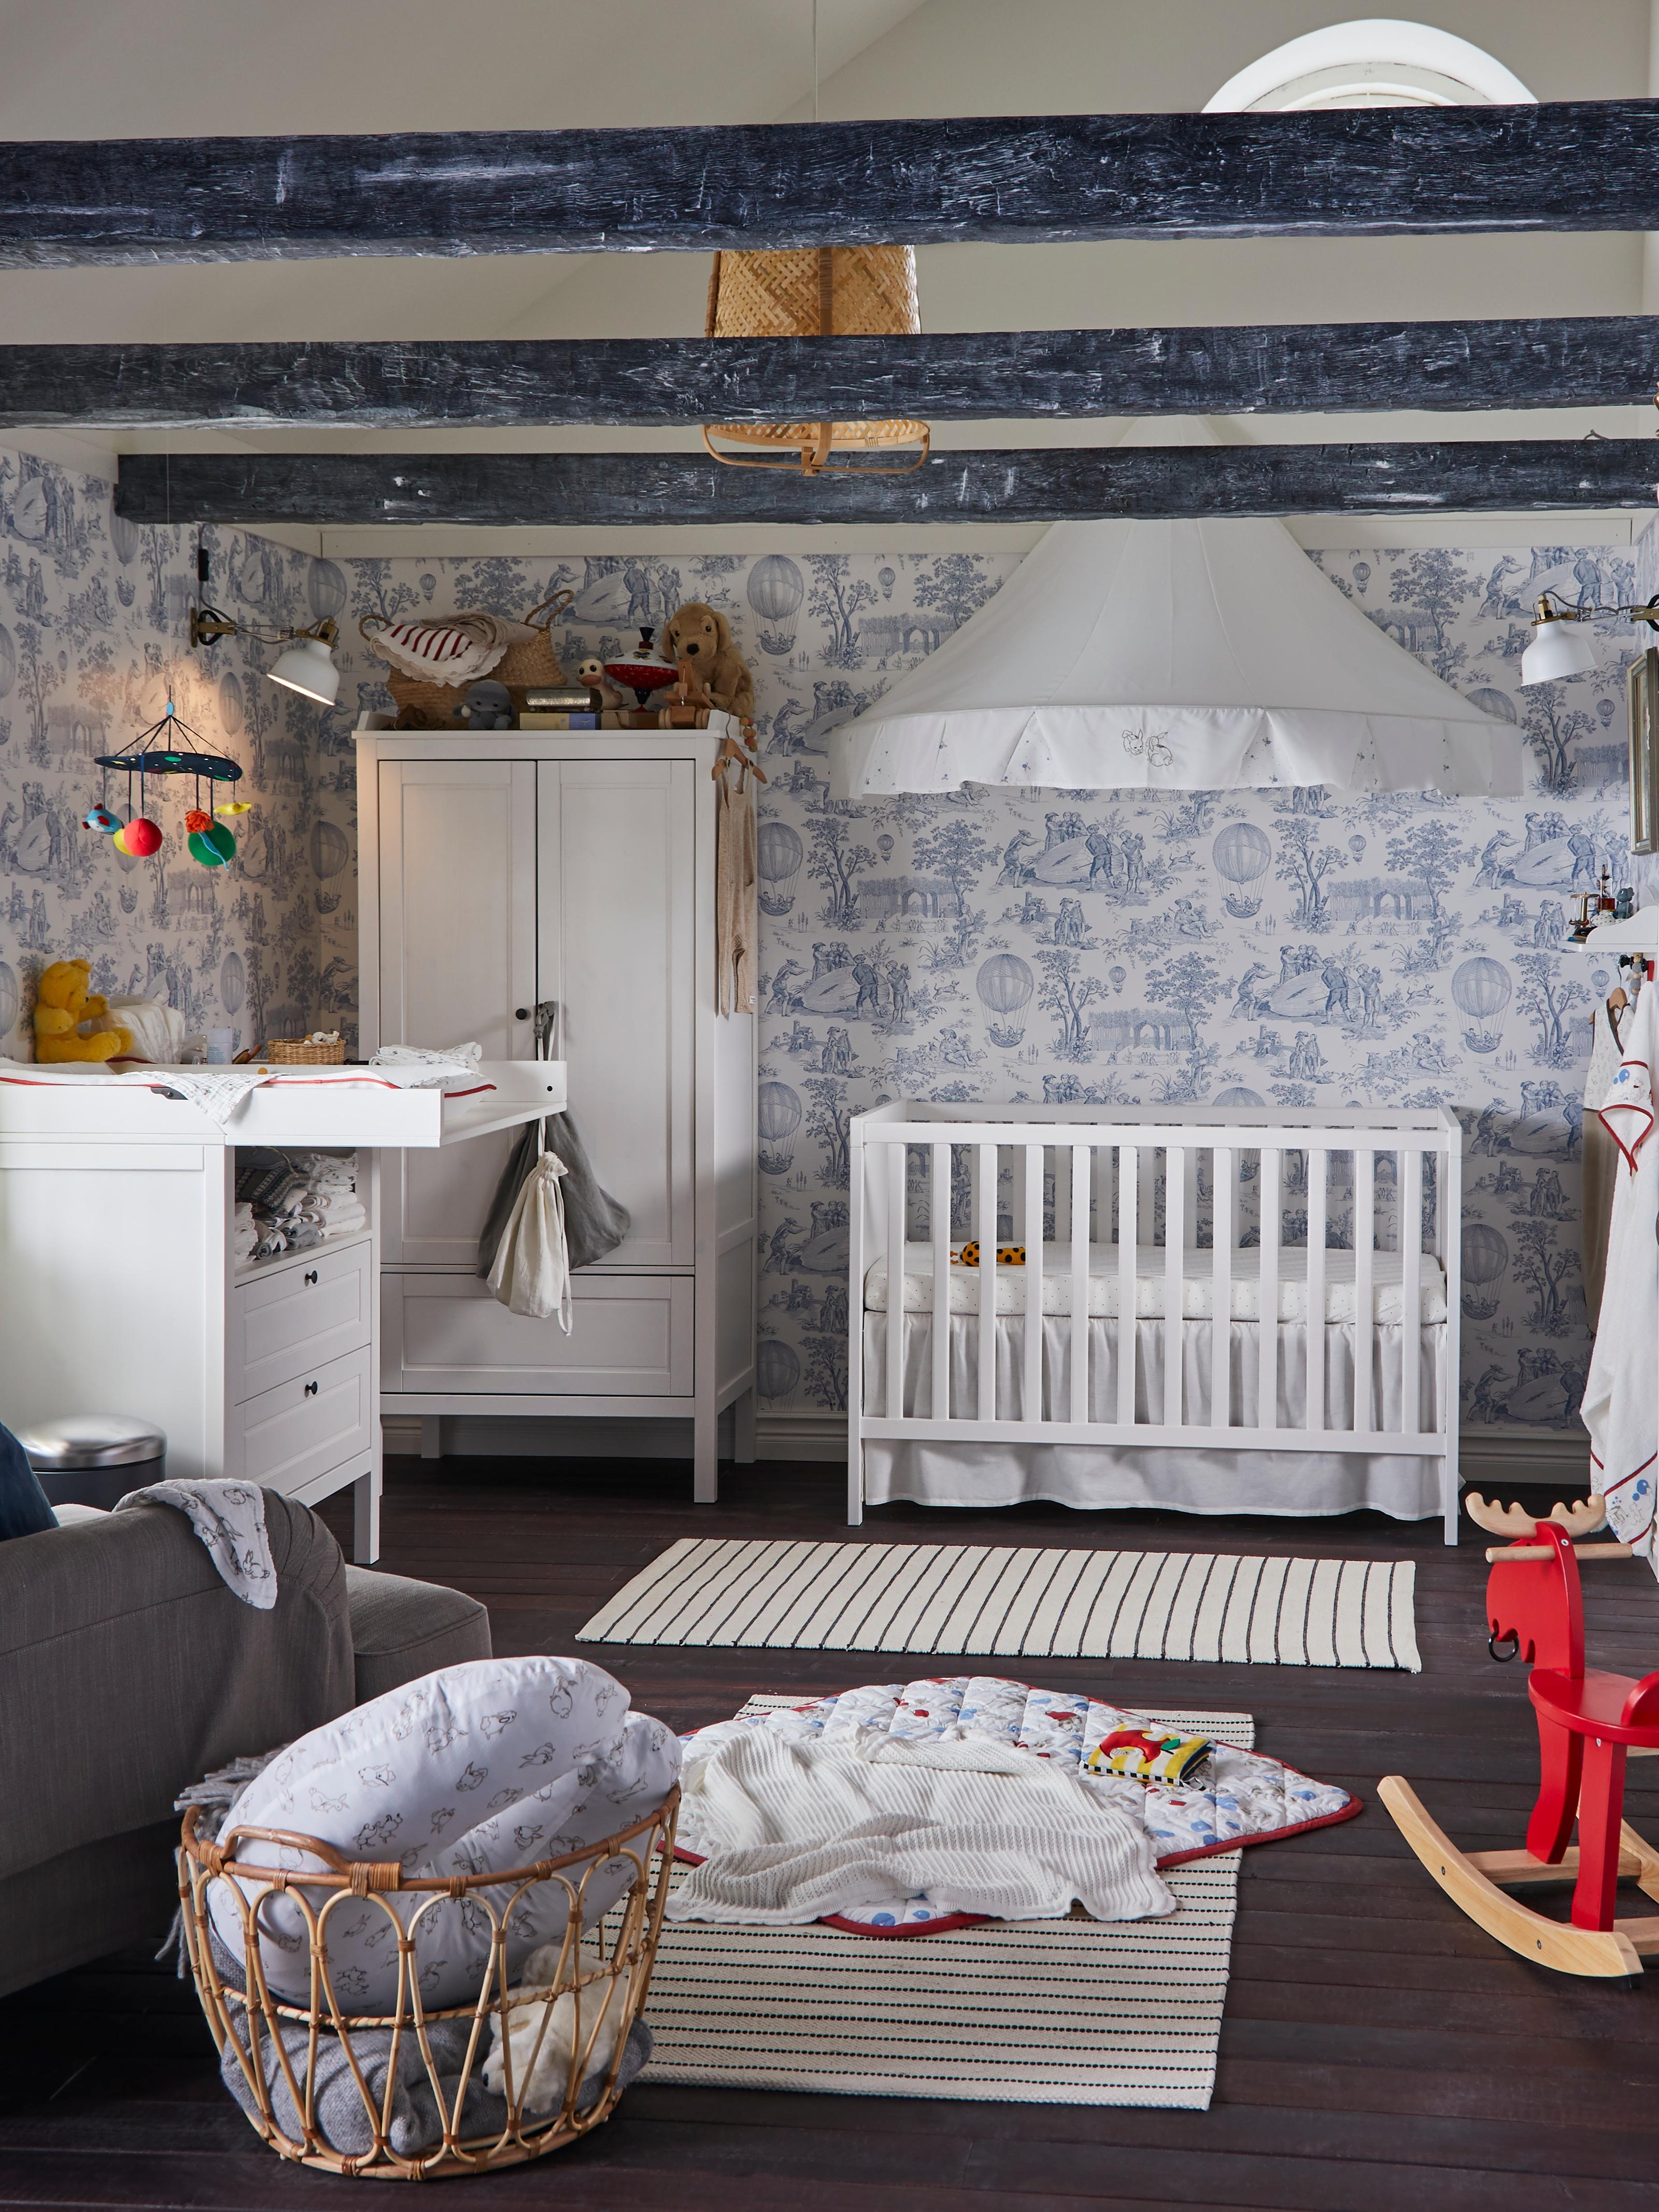 Una cuna SUNDVIK en una habitación con papel en las paredes y alfombras, un alce balancín EKORRE y mantas de bebé en el suelo.